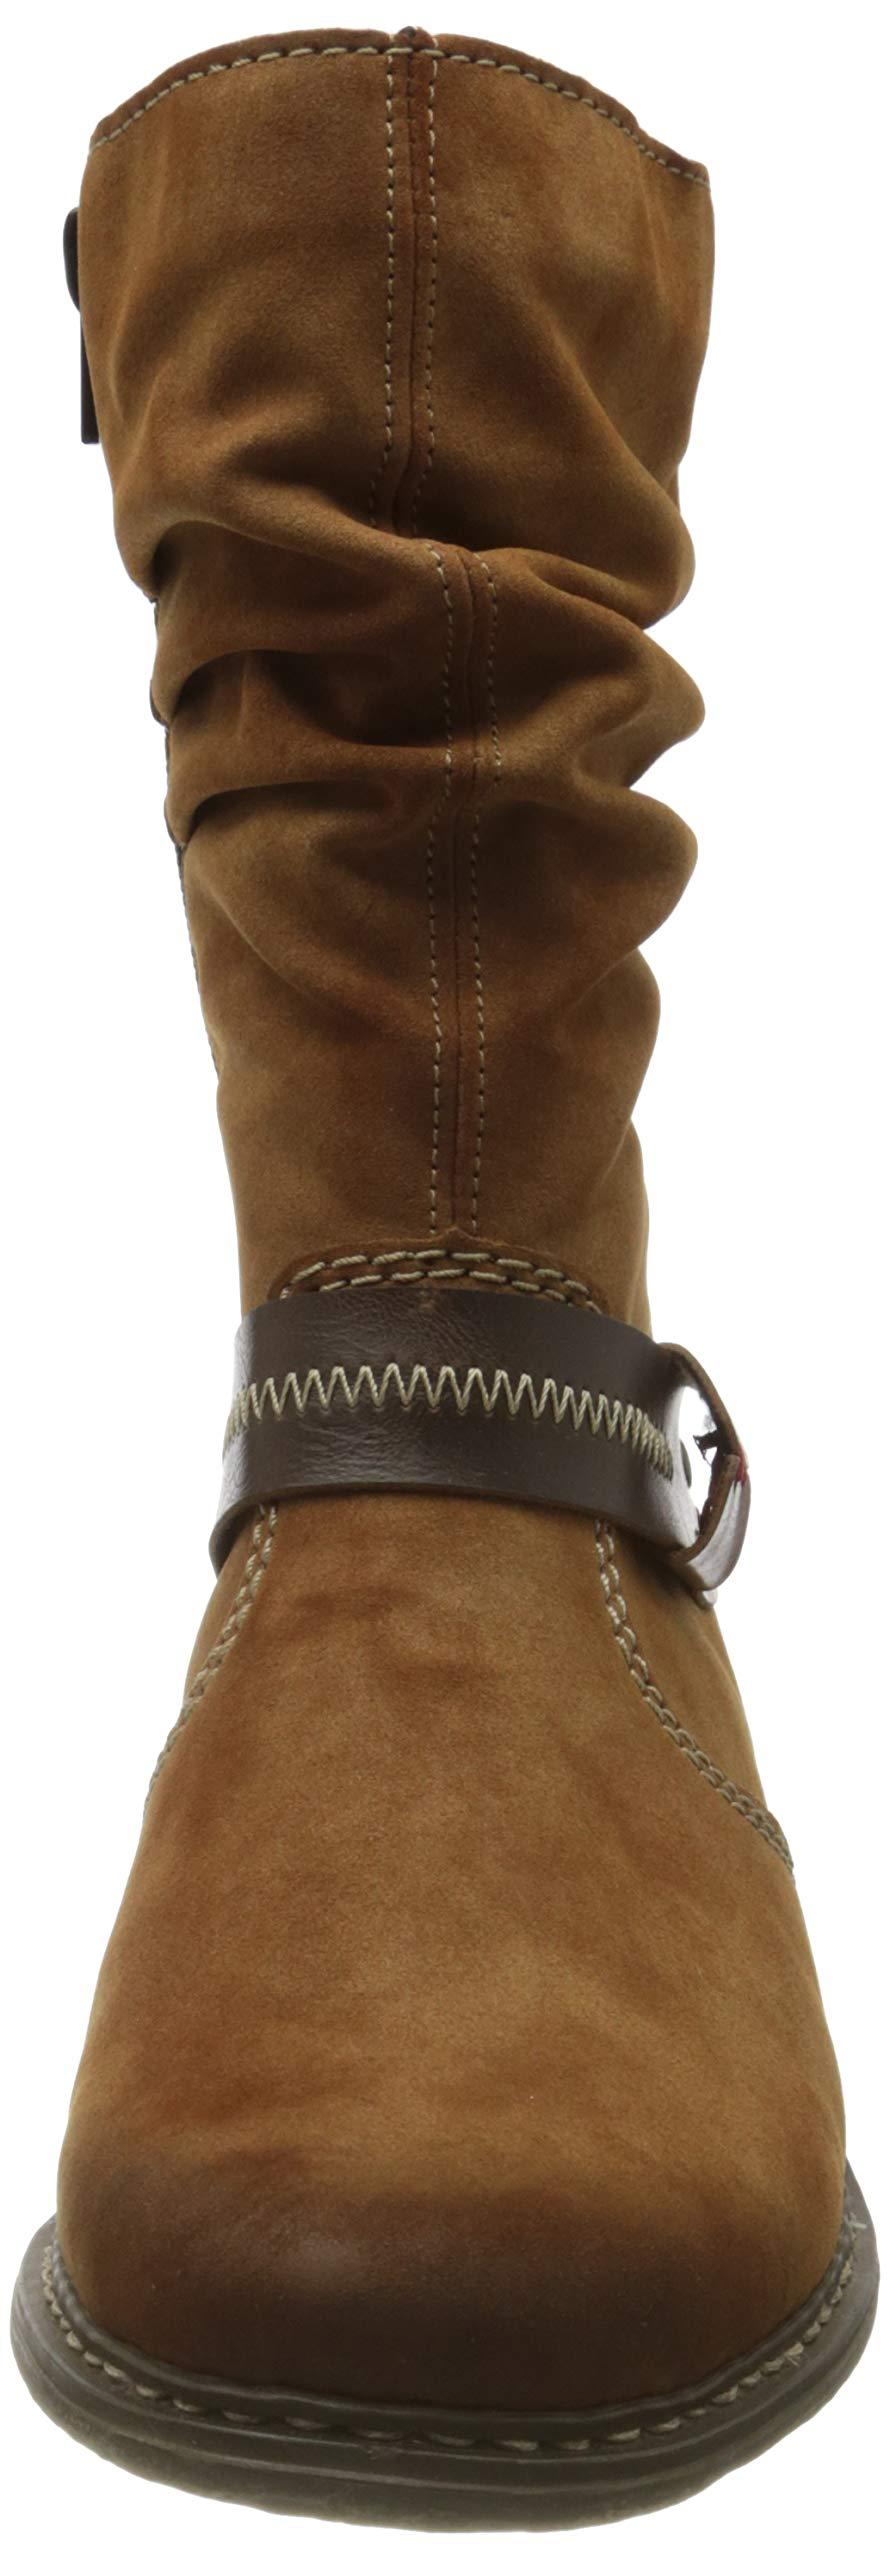 Rieker Women's Herbst/Winter Ankle Boots 52